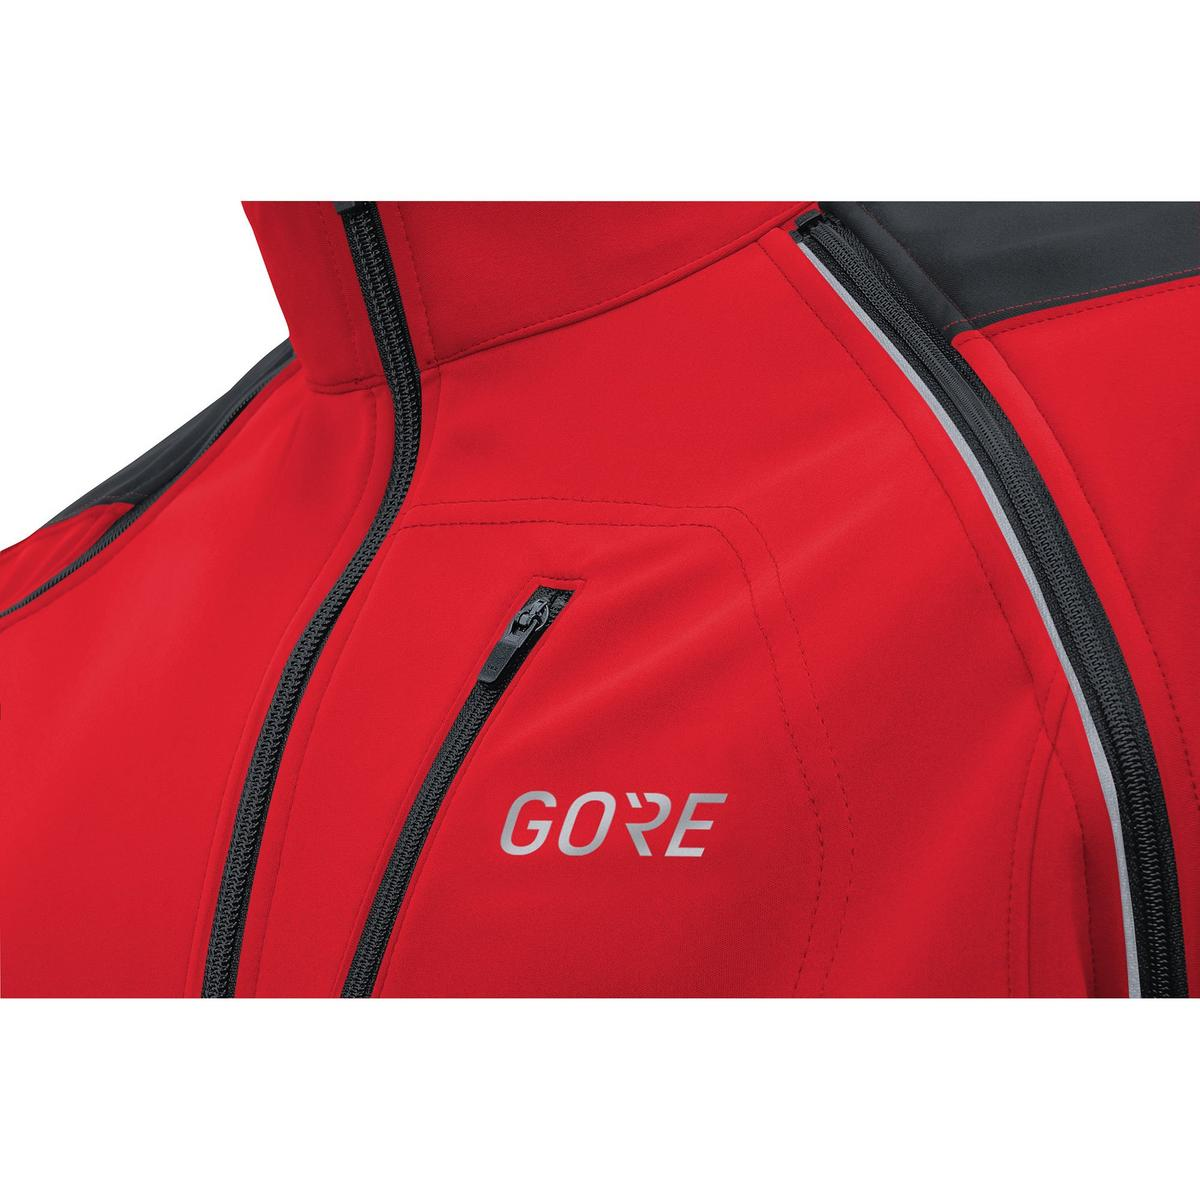 Gore Men's C3 Phantom Windstopper Zip-Off Jacket - Red/Black